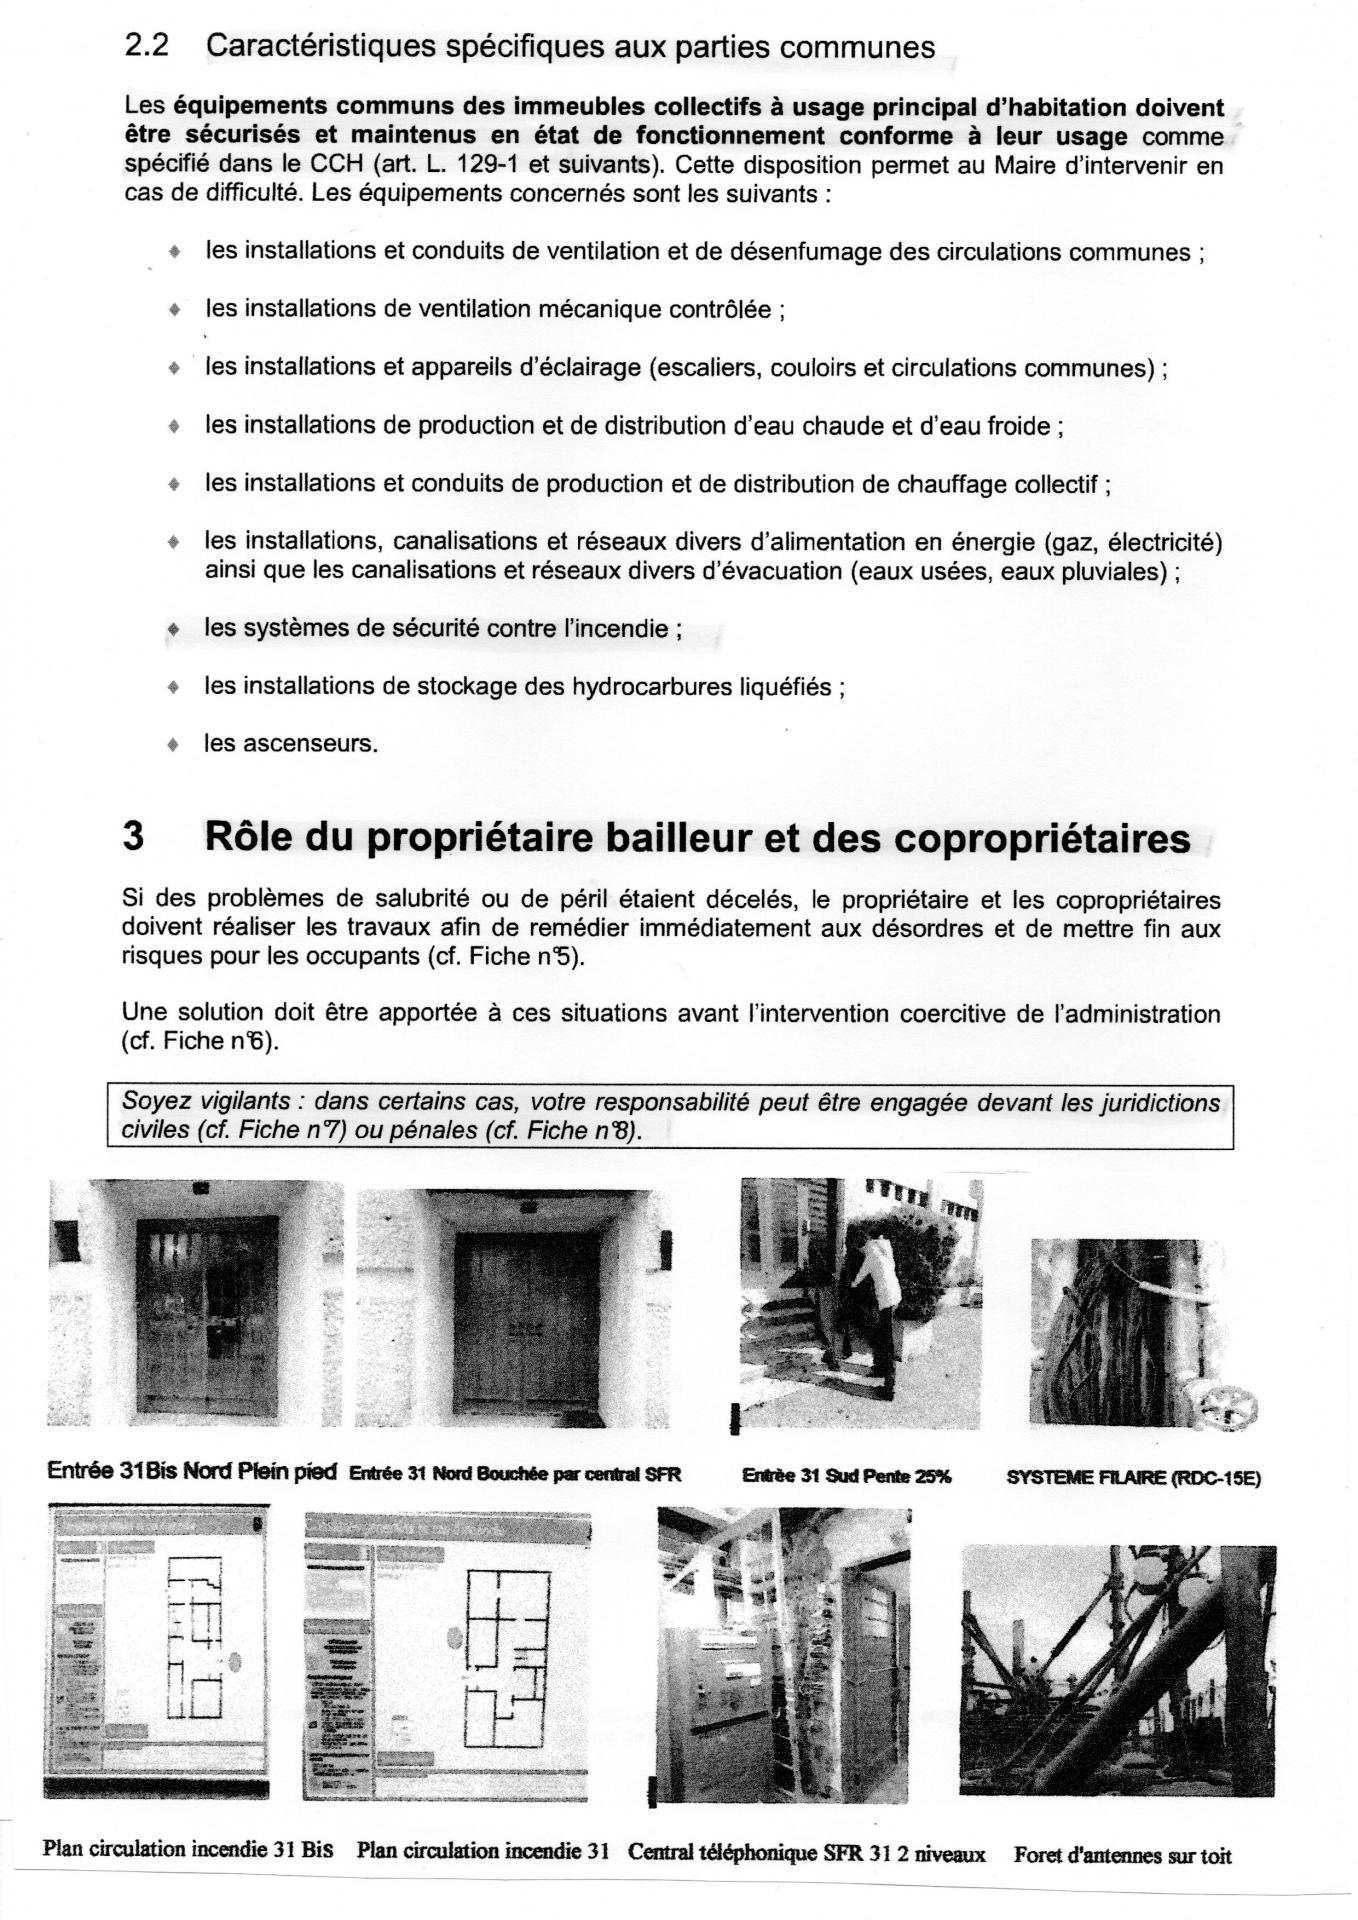 Ars 09 2011 louer un logement dans de bonnes conditions (2)